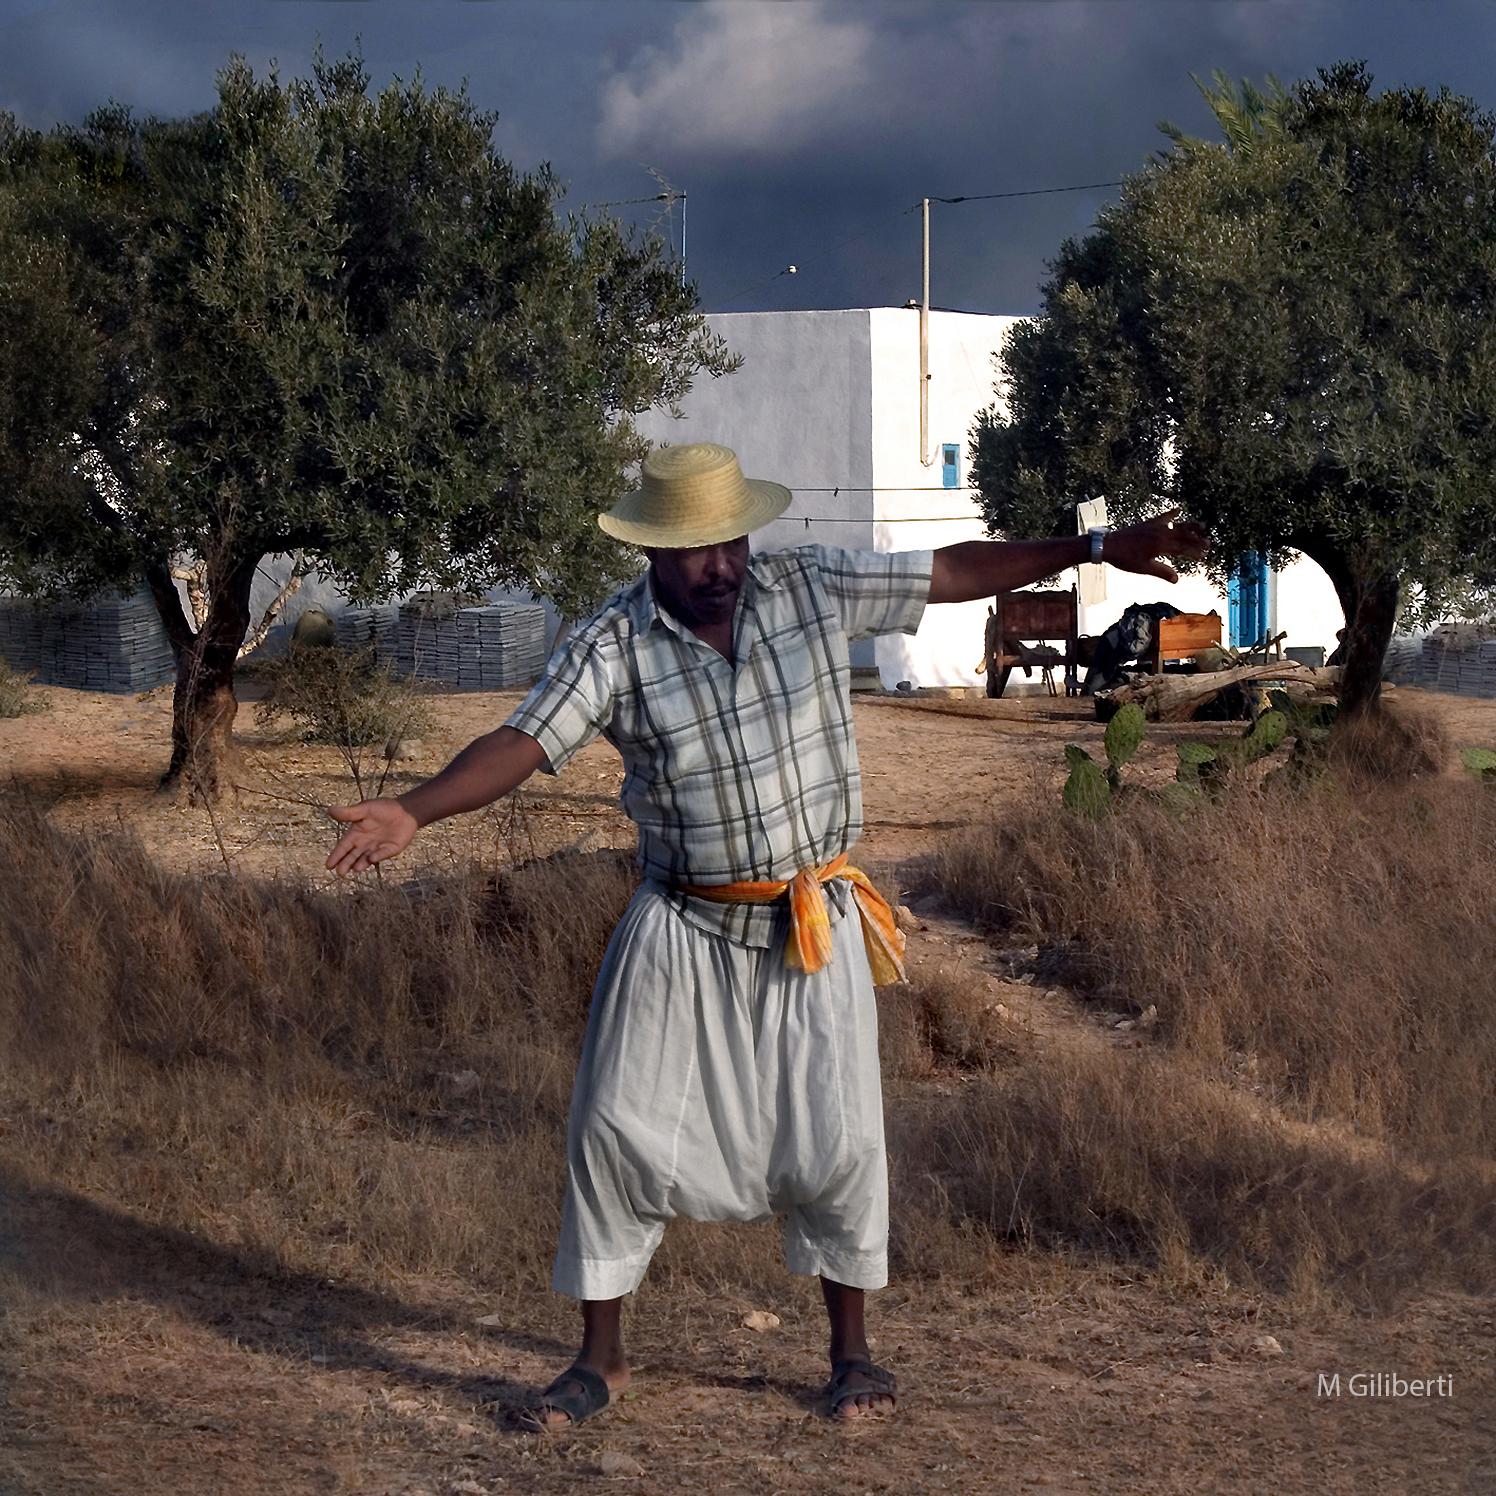 Danse de mariage / Djerba